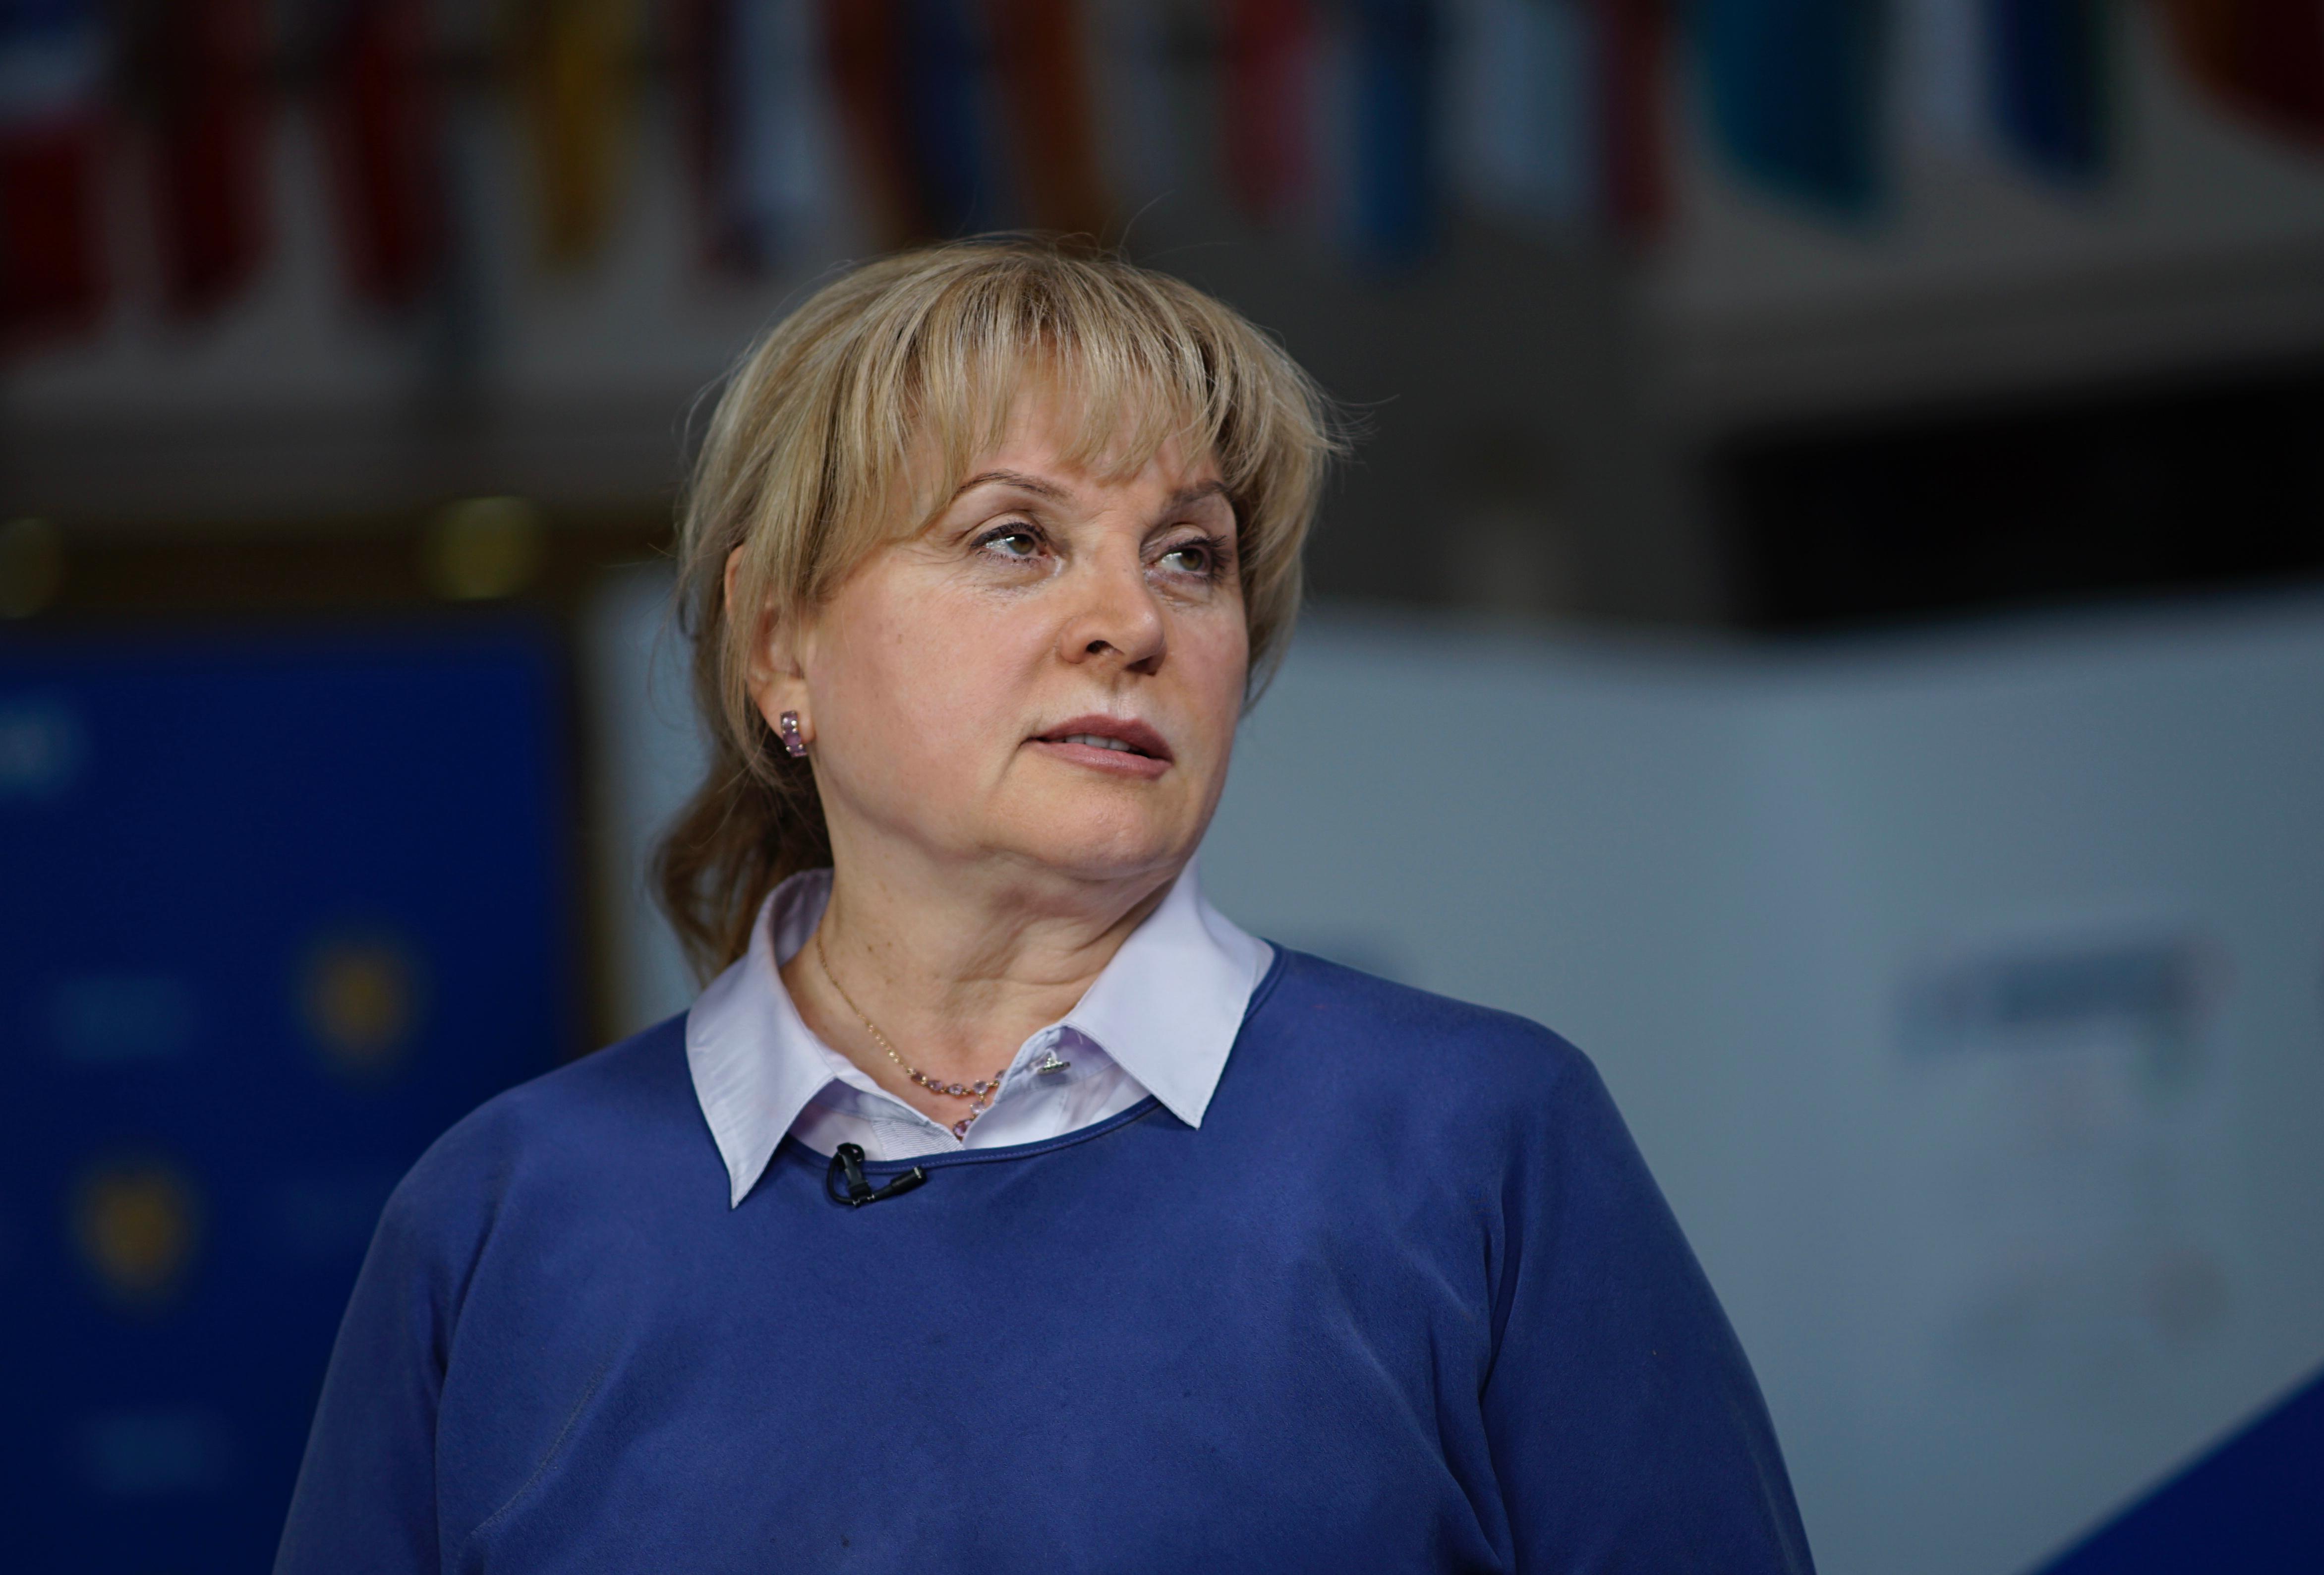 Памфилова заявила об отсутствии серьёзных жалоб по поводу голосования о поправках к конституции